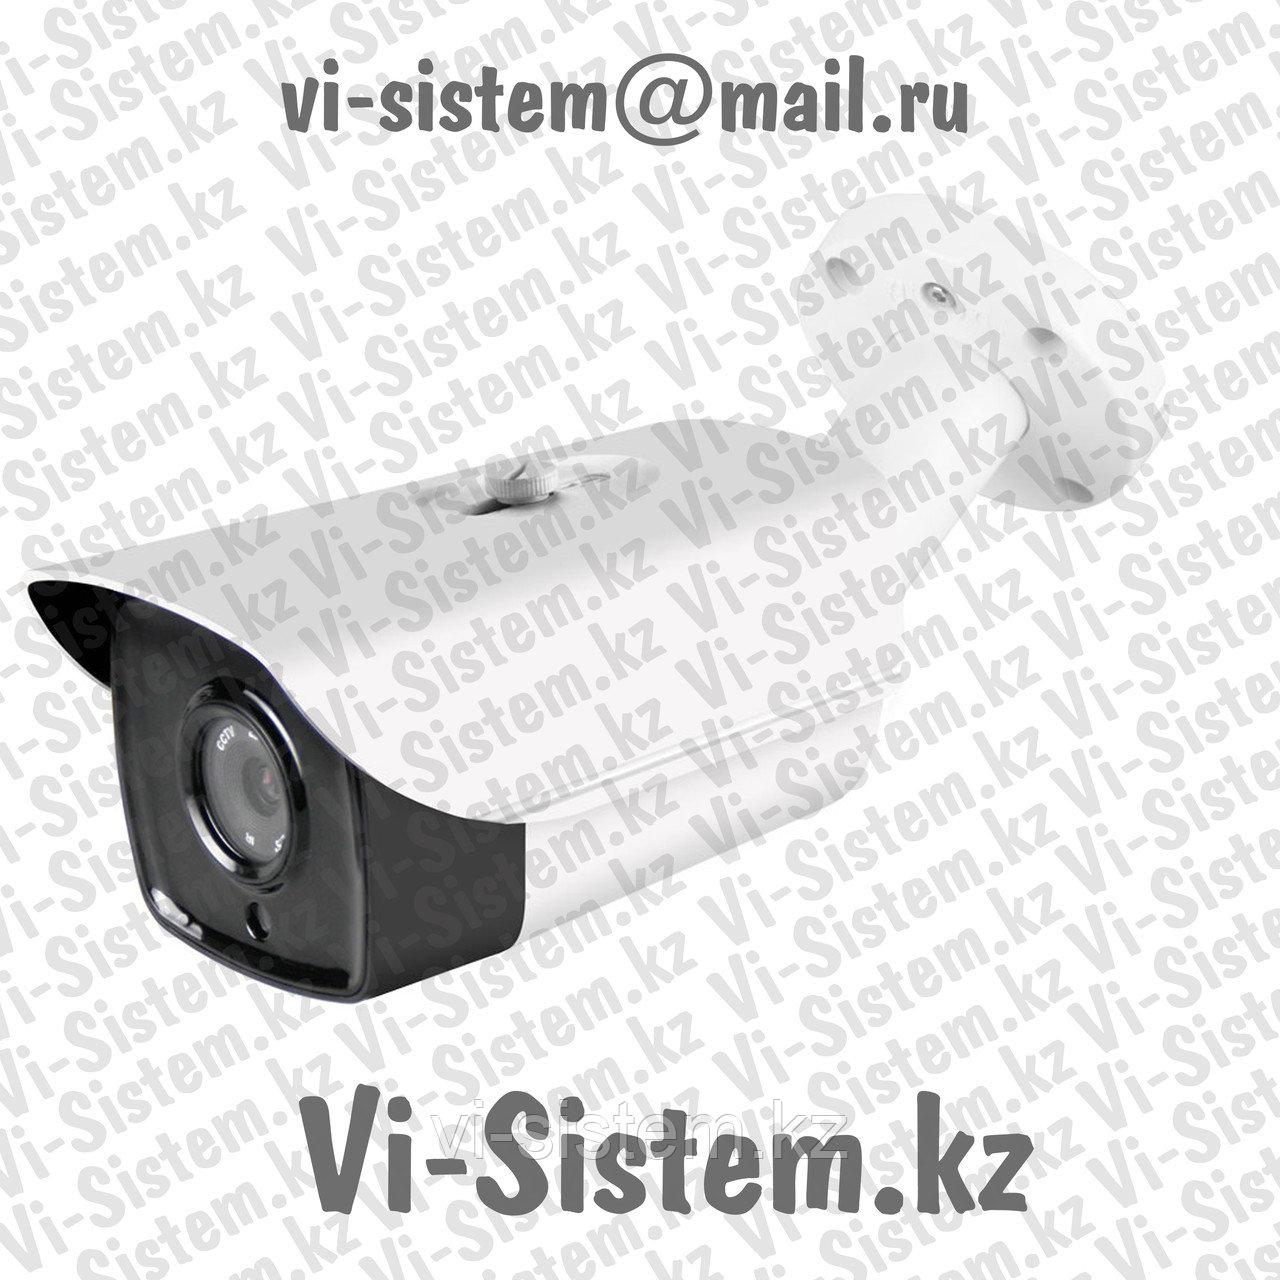 IP-Видеокамера SYNCAR SY-281 2MP Варифокальная